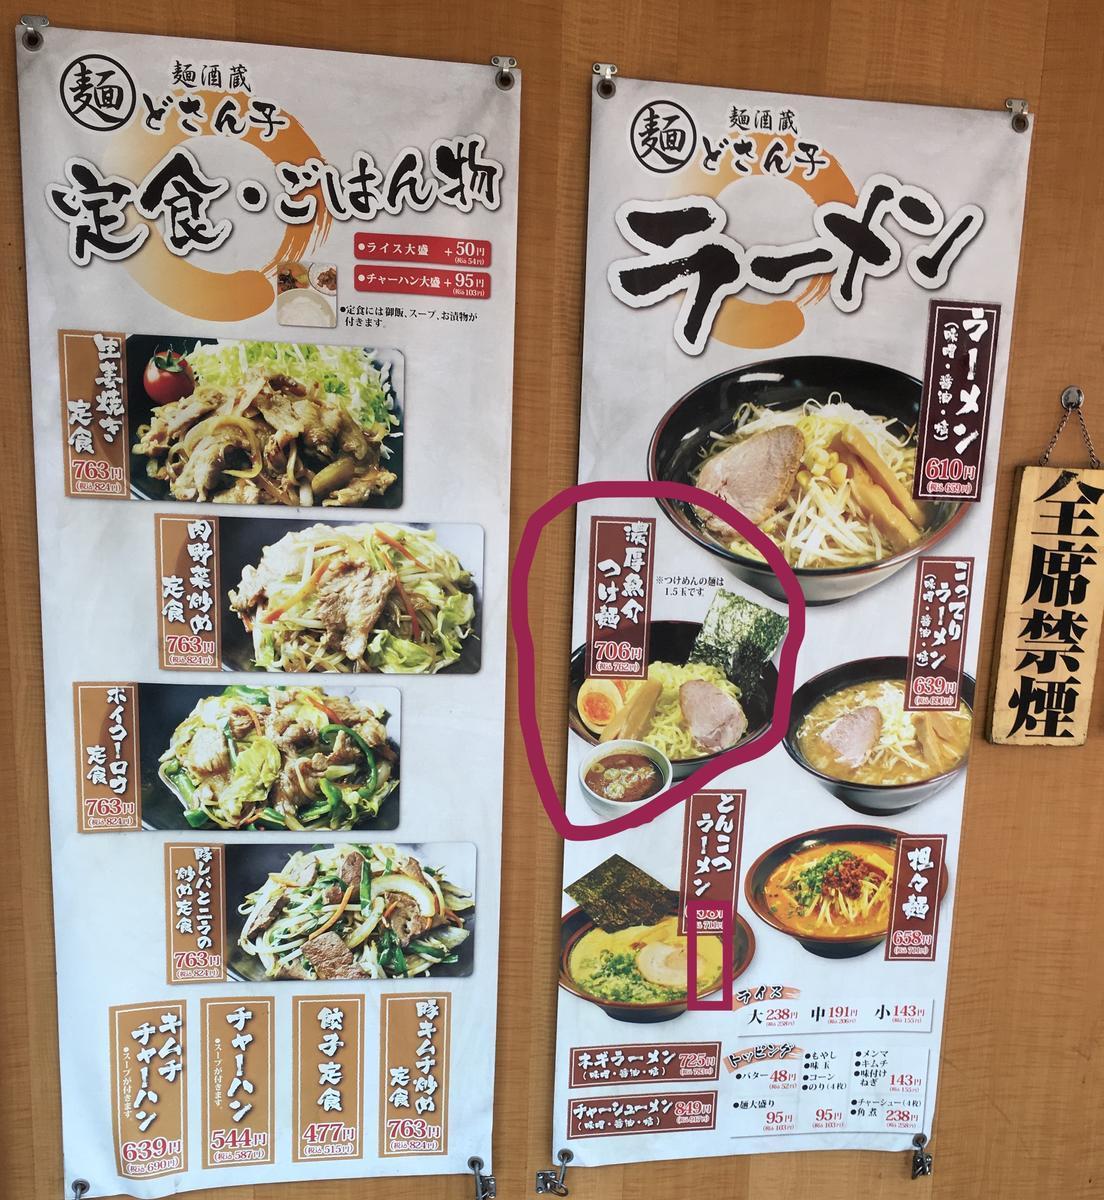 「麺 どさん子」の看板メニュー